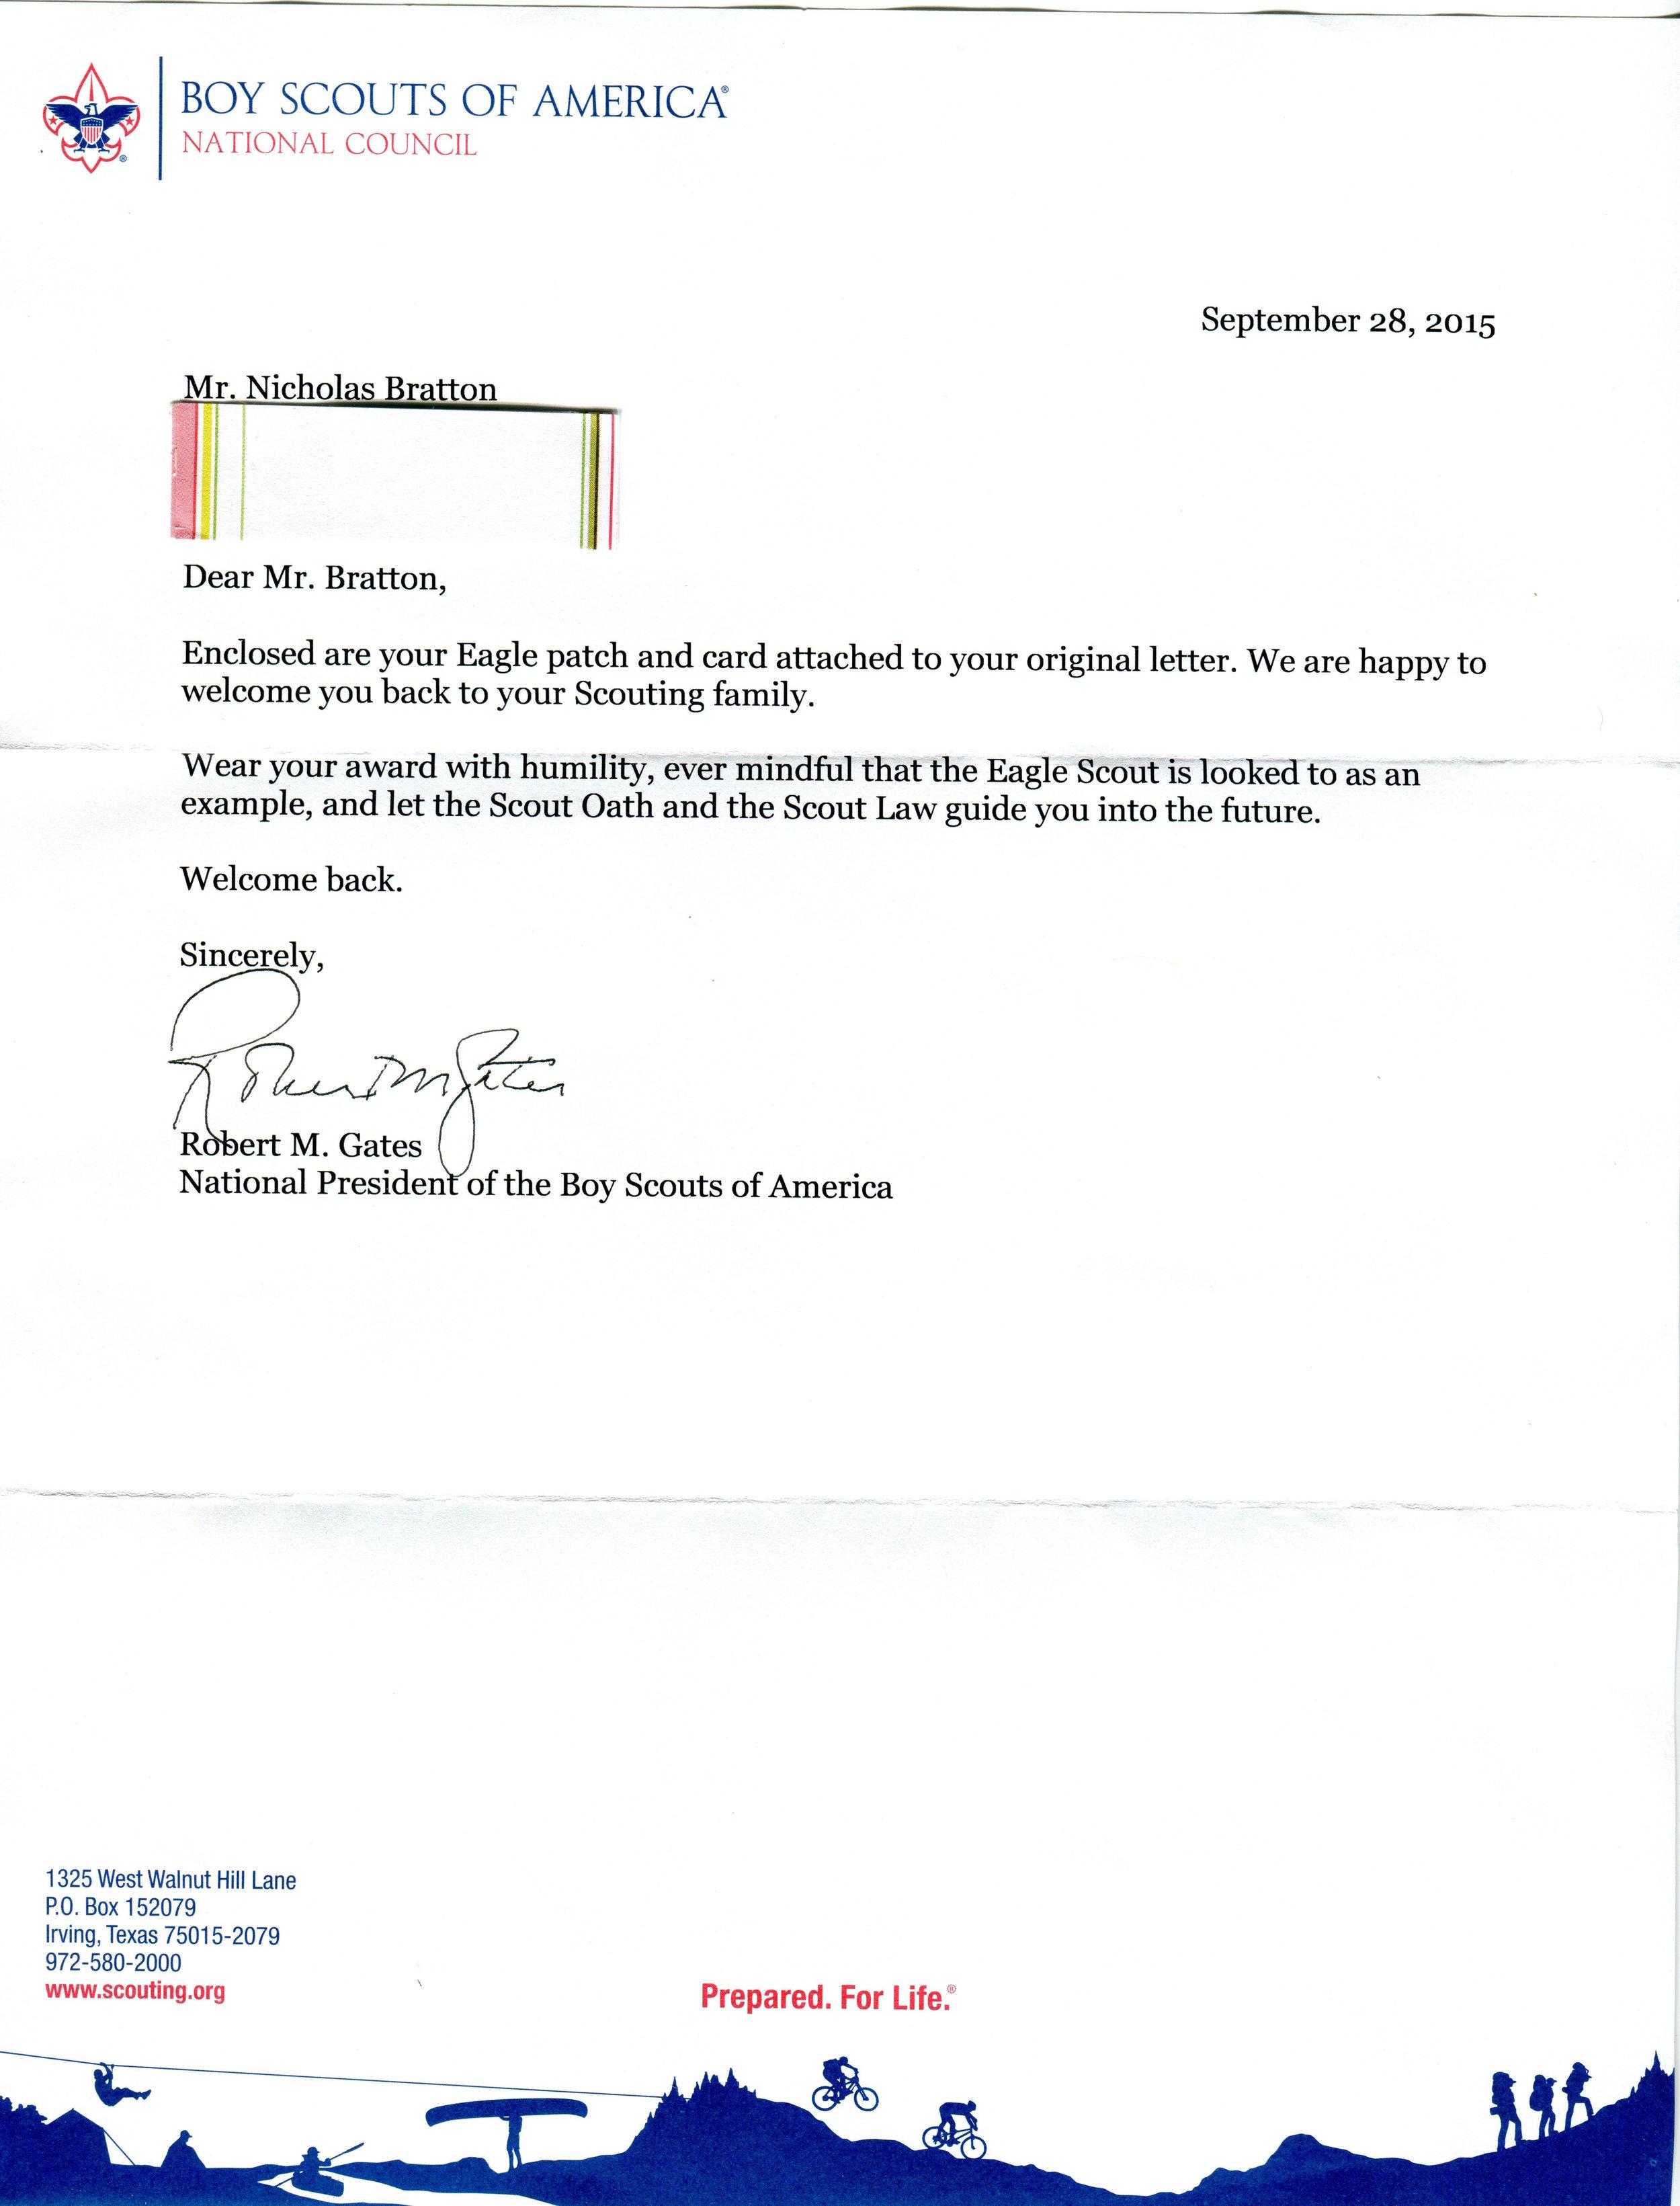 Gates response letter